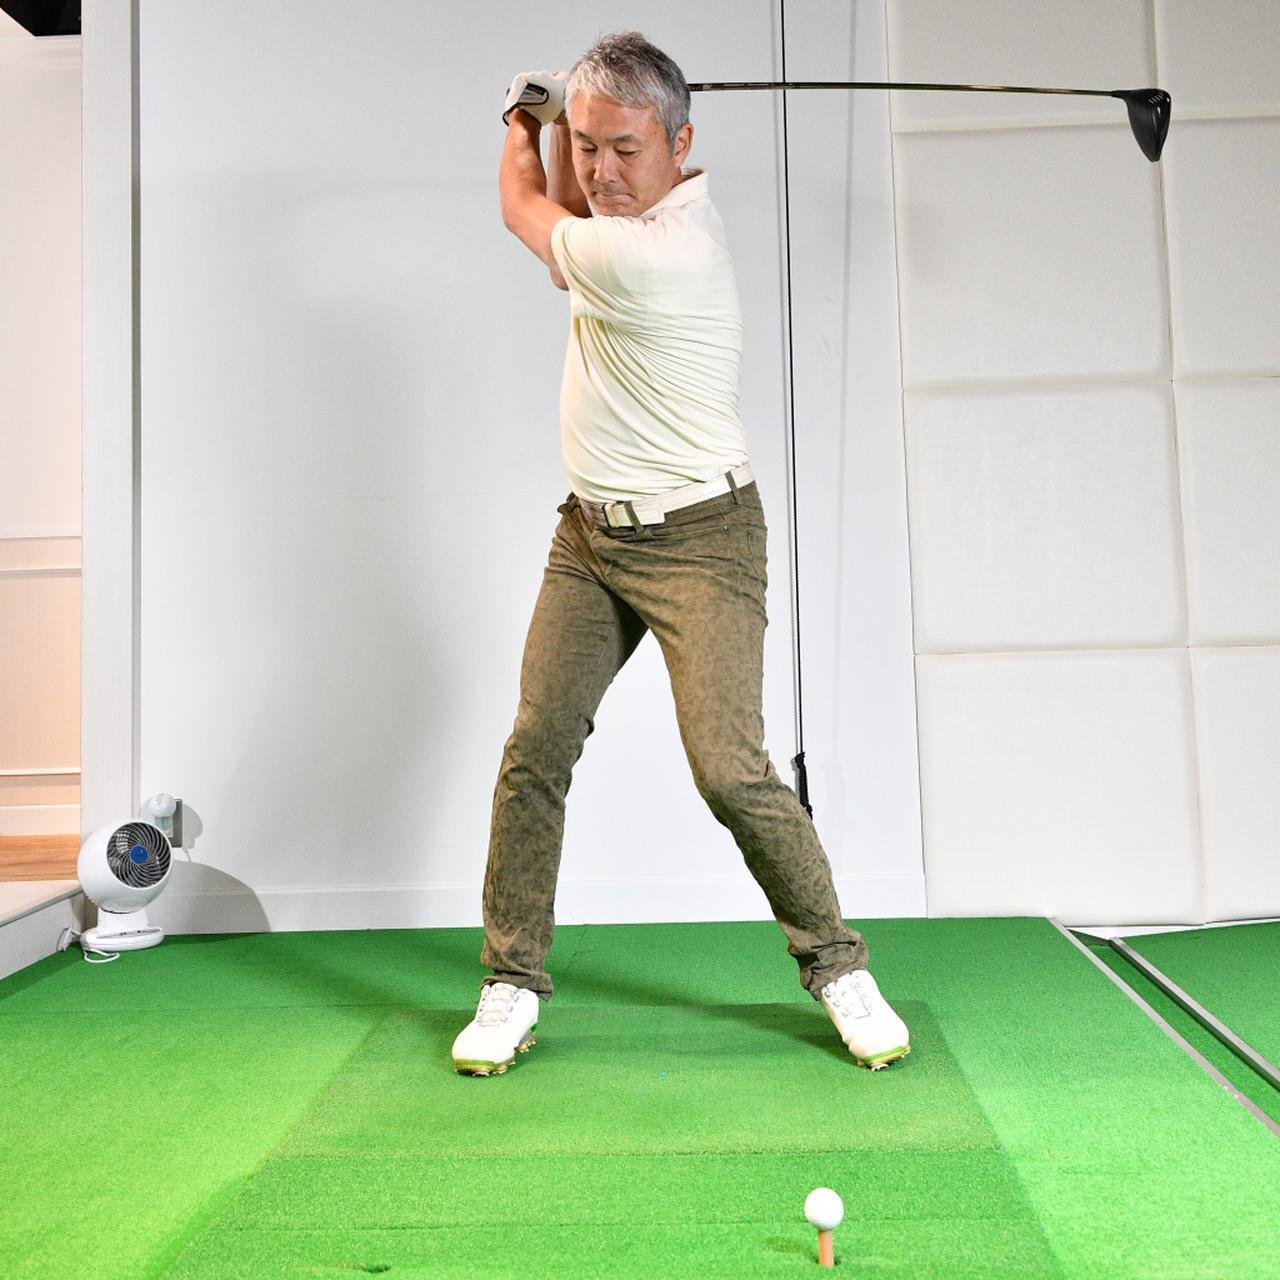 画像2: 【ドライバー】出球が安定しないのは「胸の向き」に問題アリ。腕と体の同調を直レッスン!